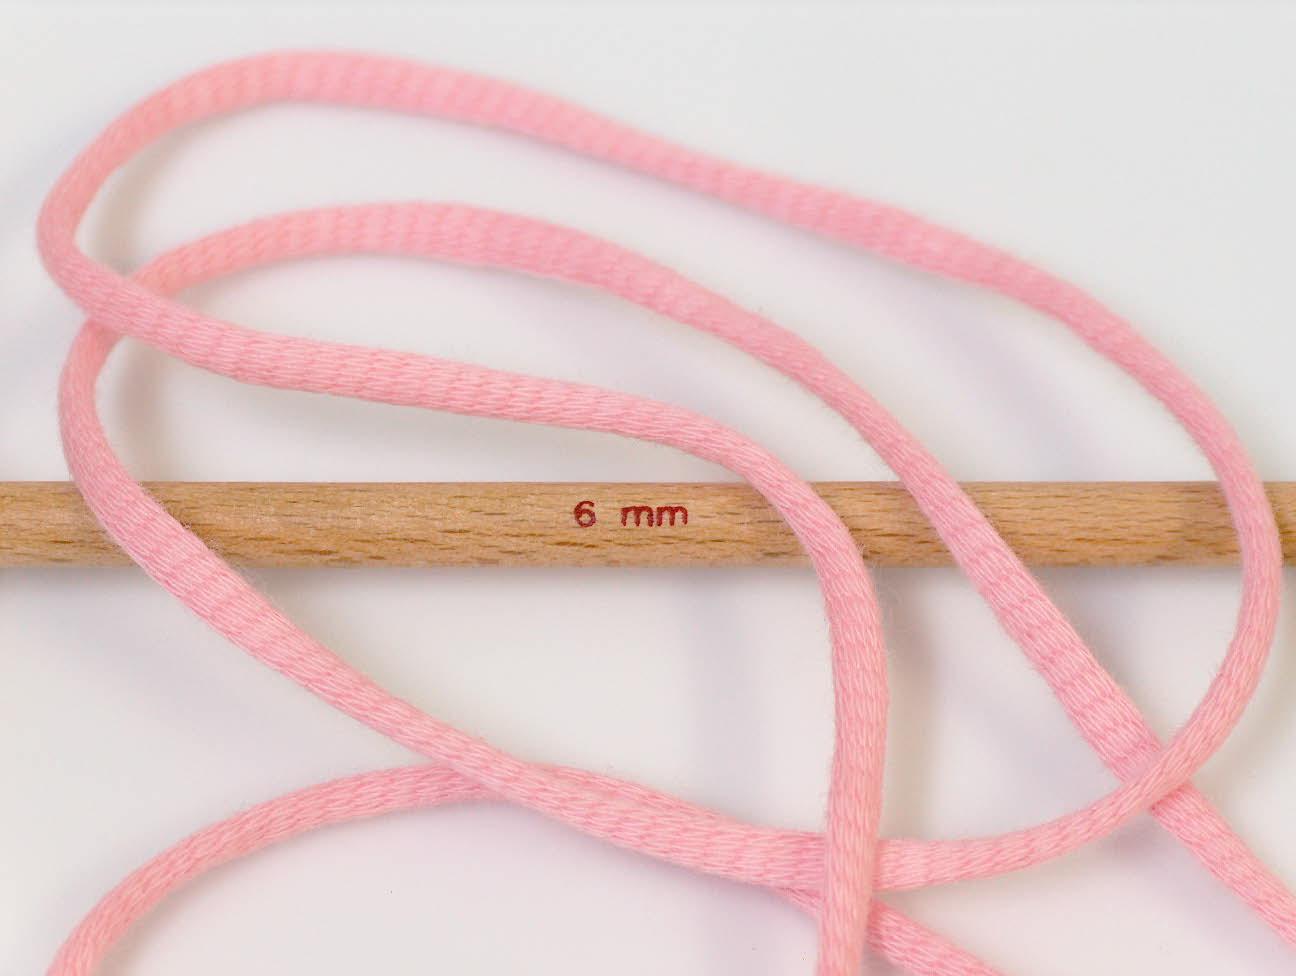 Tube Cotton Pink Siūlai Vasarai Mezgimo Kilpa